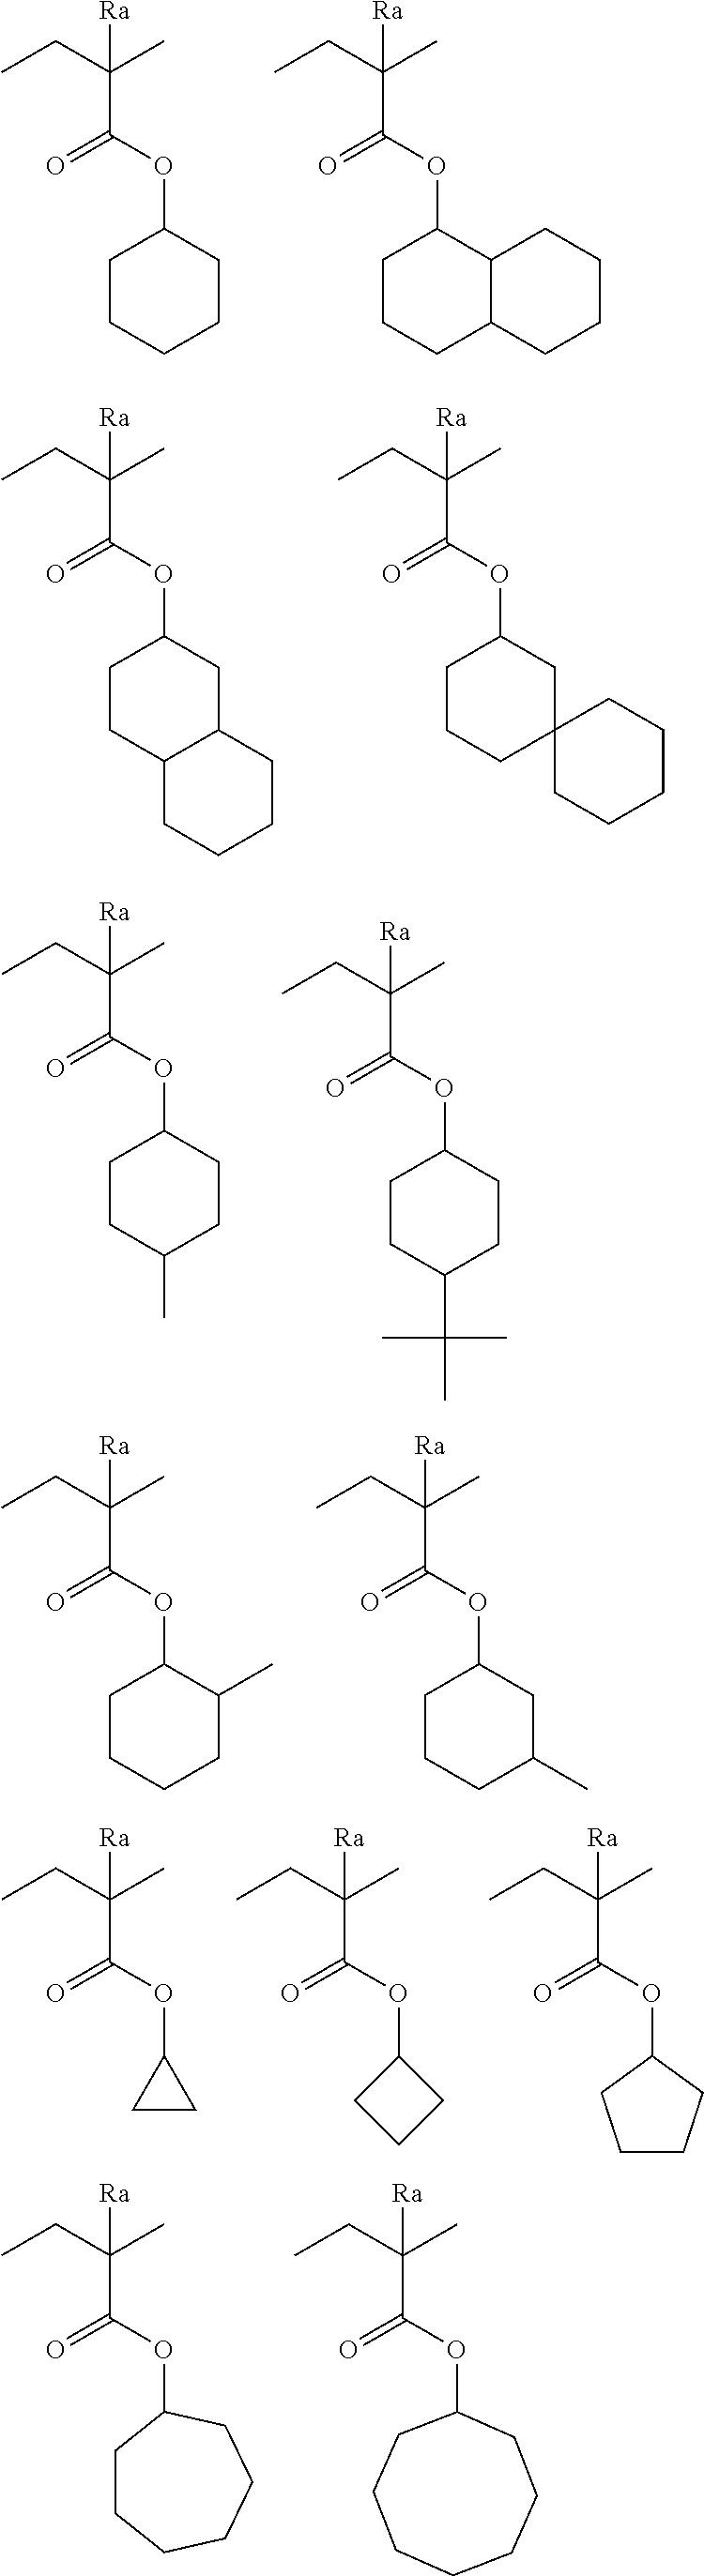 Figure US08071272-20111206-C00036